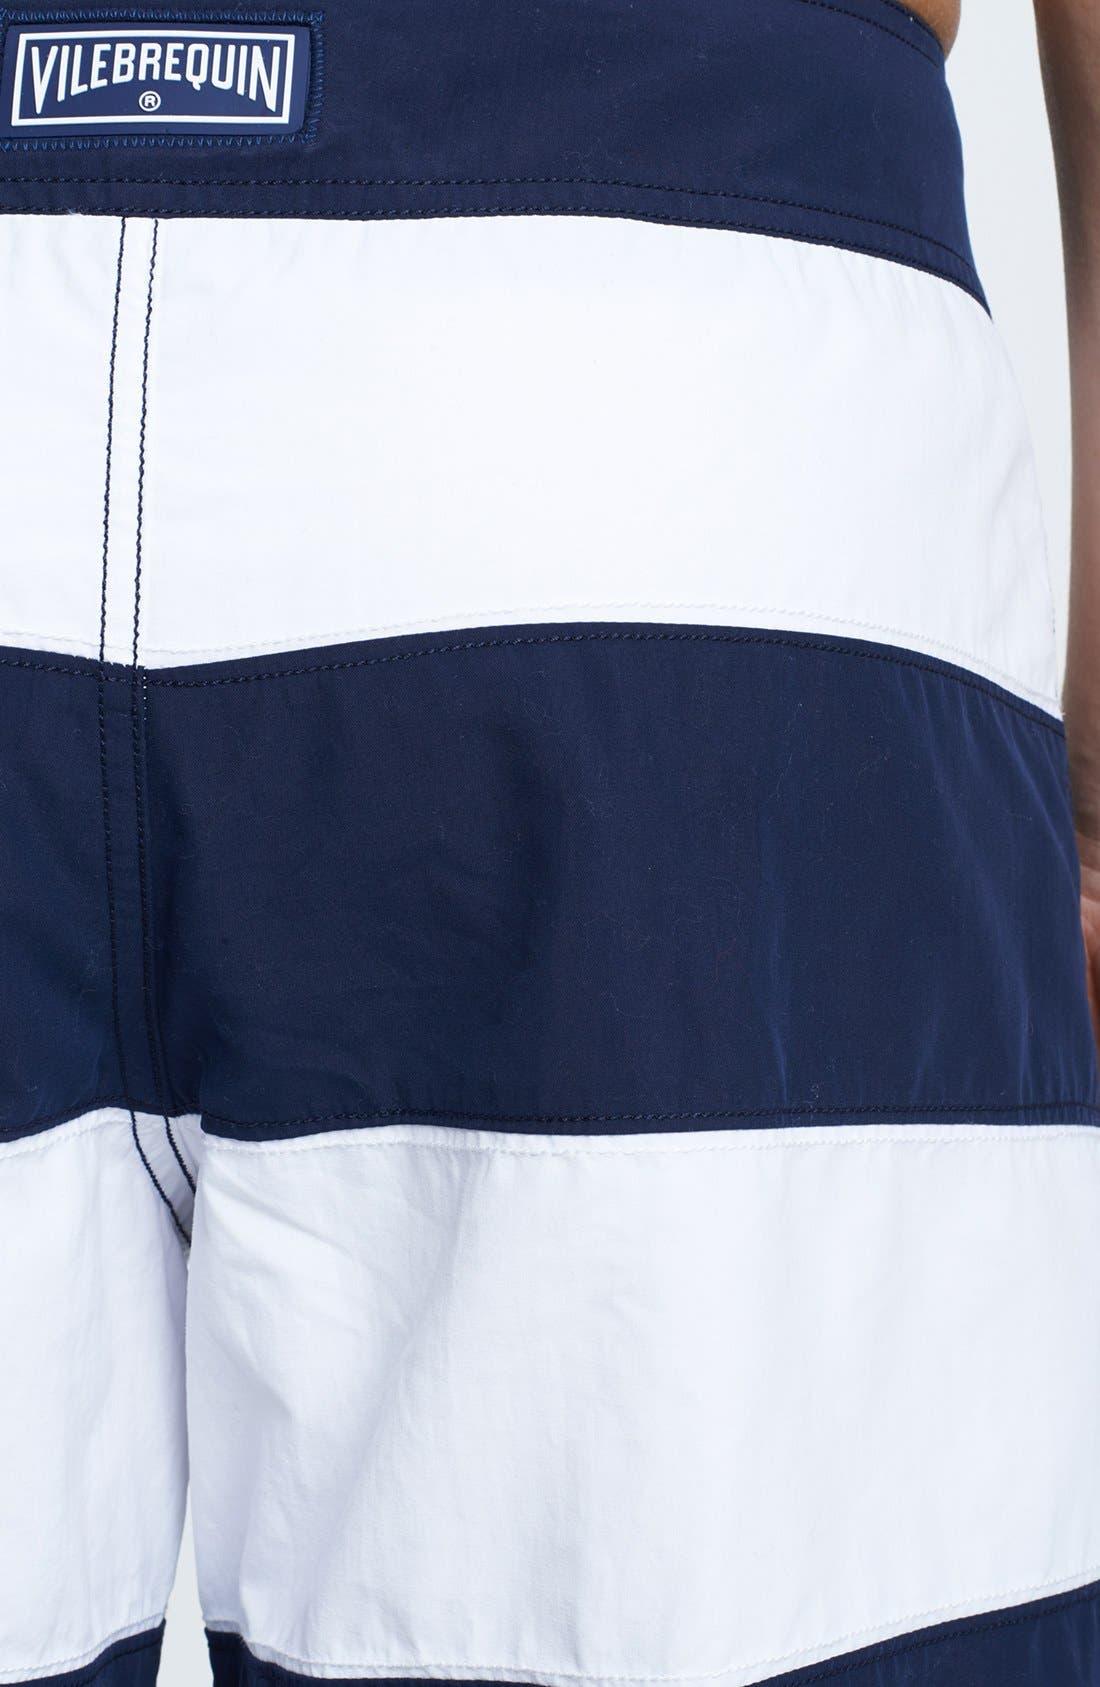 Alternate Image 3  - Vilebrequin 'Octant' Stripe Board Shorts